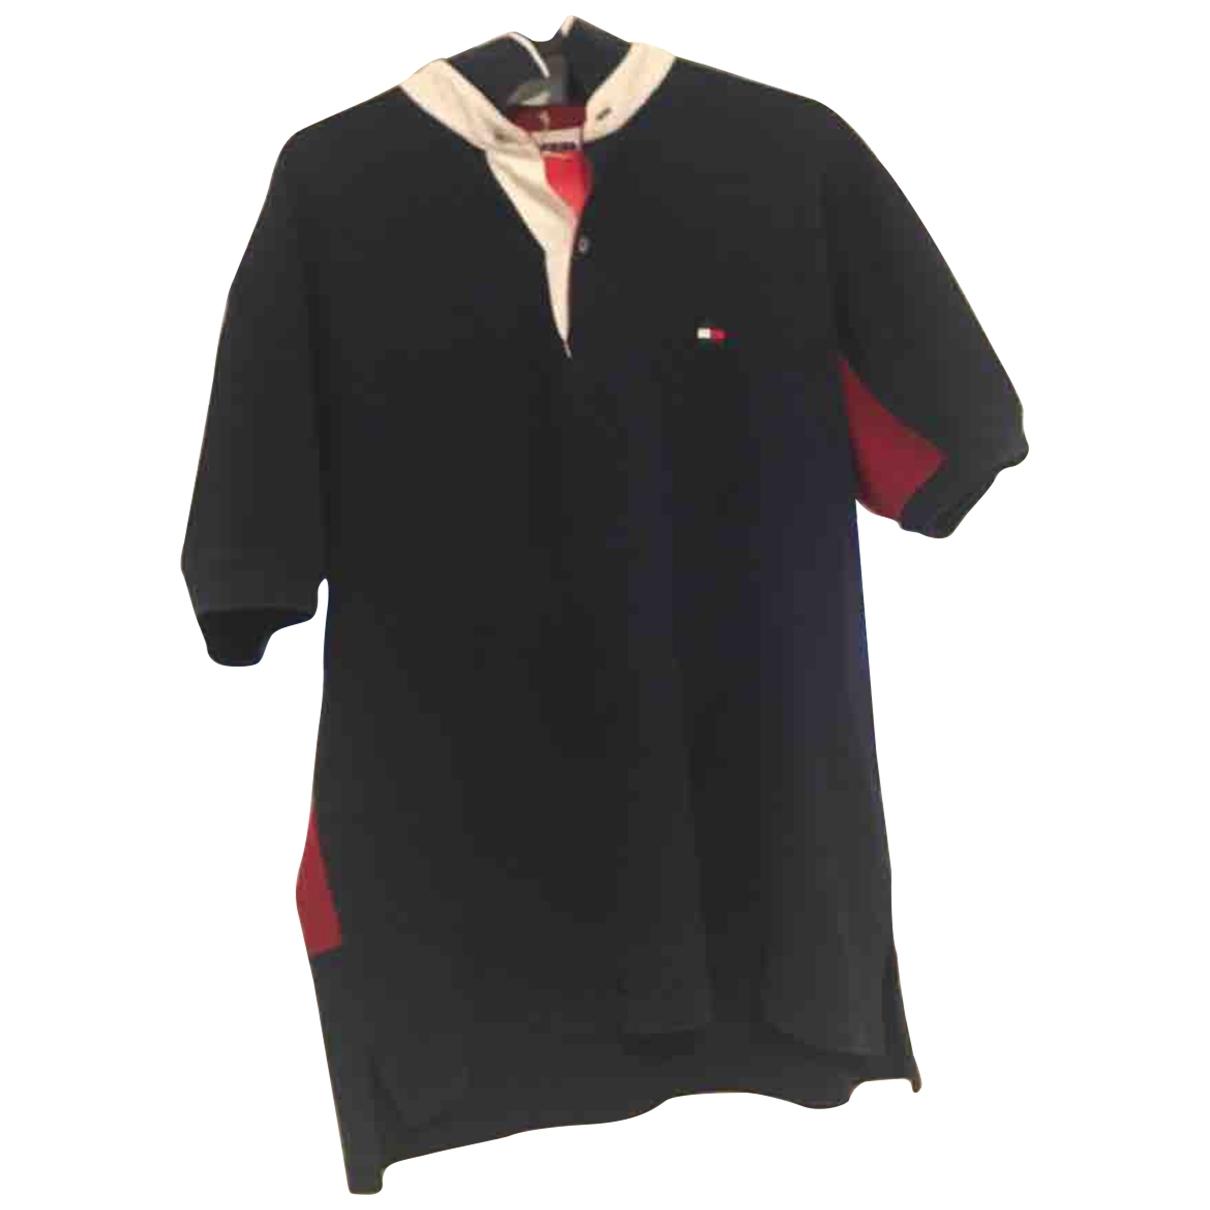 Tommy Hilfiger - Tee shirts   pour homme en coton